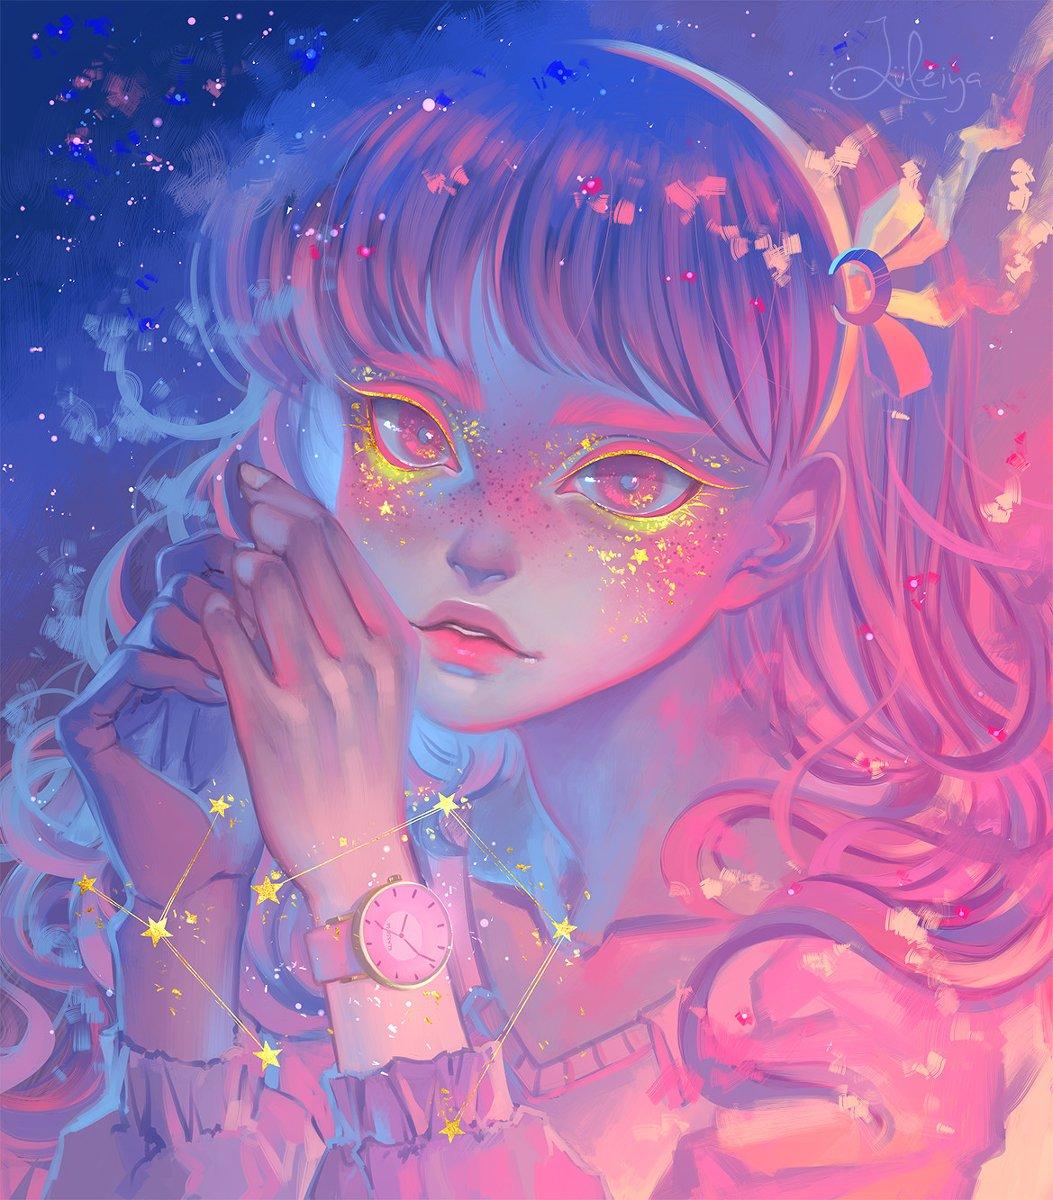 Otaku anime girl art